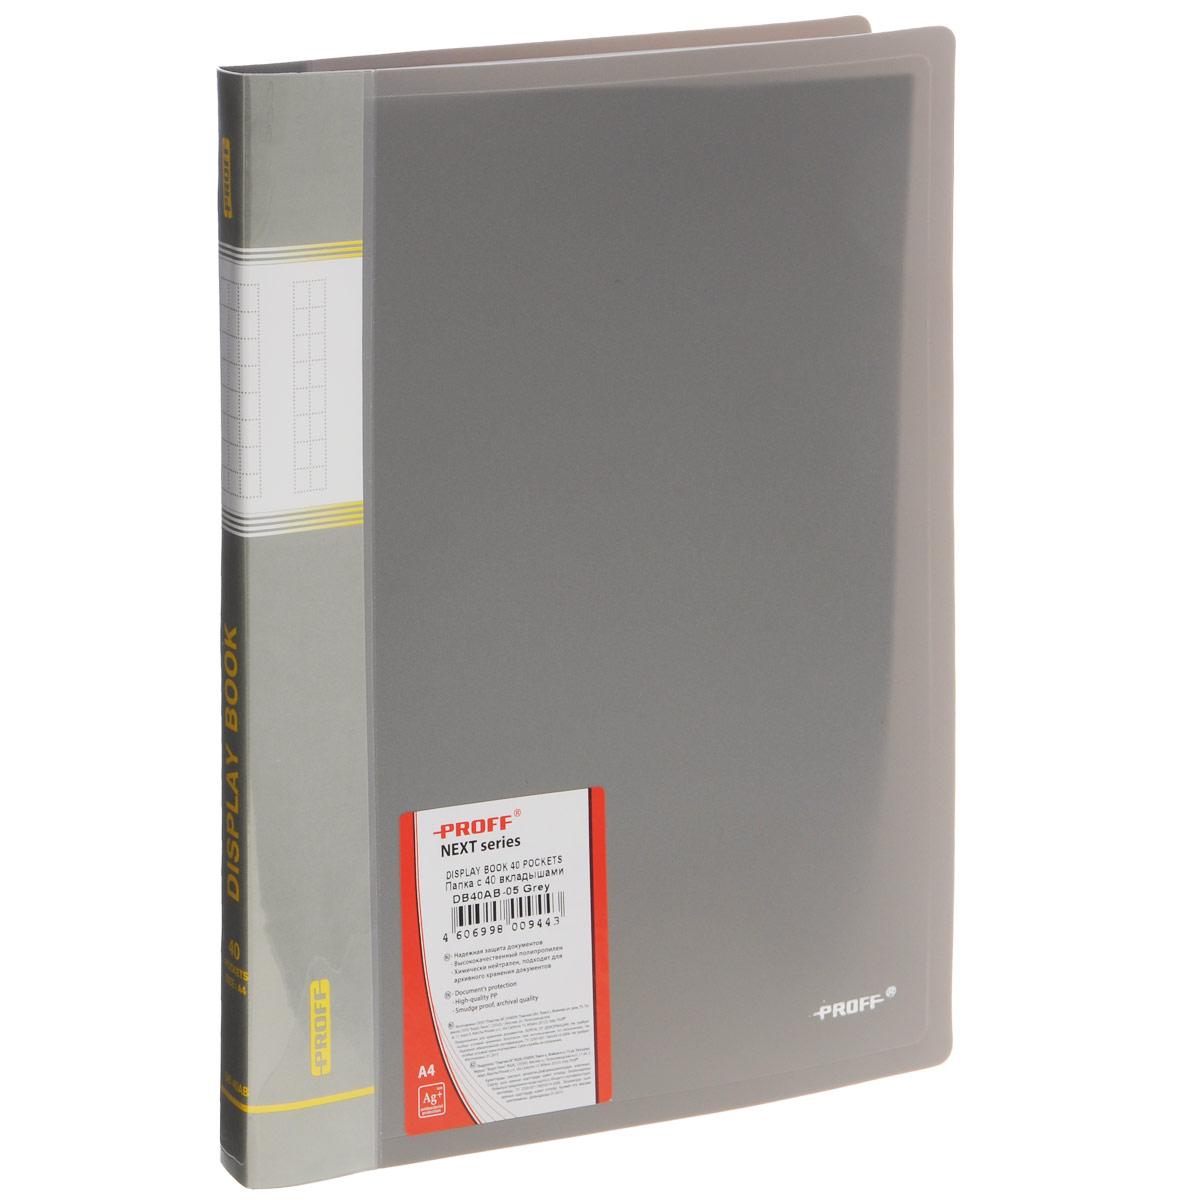 Proff Папка с файлами Next 40 листов цвет серыйDB40AB-05Папка с файлами Proff Next, изготовленная из высококачественного плотного полипропилена - это удобный и практичный офисный инструмент, предназначенный для хранения и транспортировки рабочих бумаг и документов формата А4.Папка оснащена 40 вклеенными прозрачными файлами.Папка с файлами - это незаменимый атрибут для студента, школьника, офисного работника. Такая папка надежно сохранит ваши документы и сбережет их от повреждений, пыли и влаги.